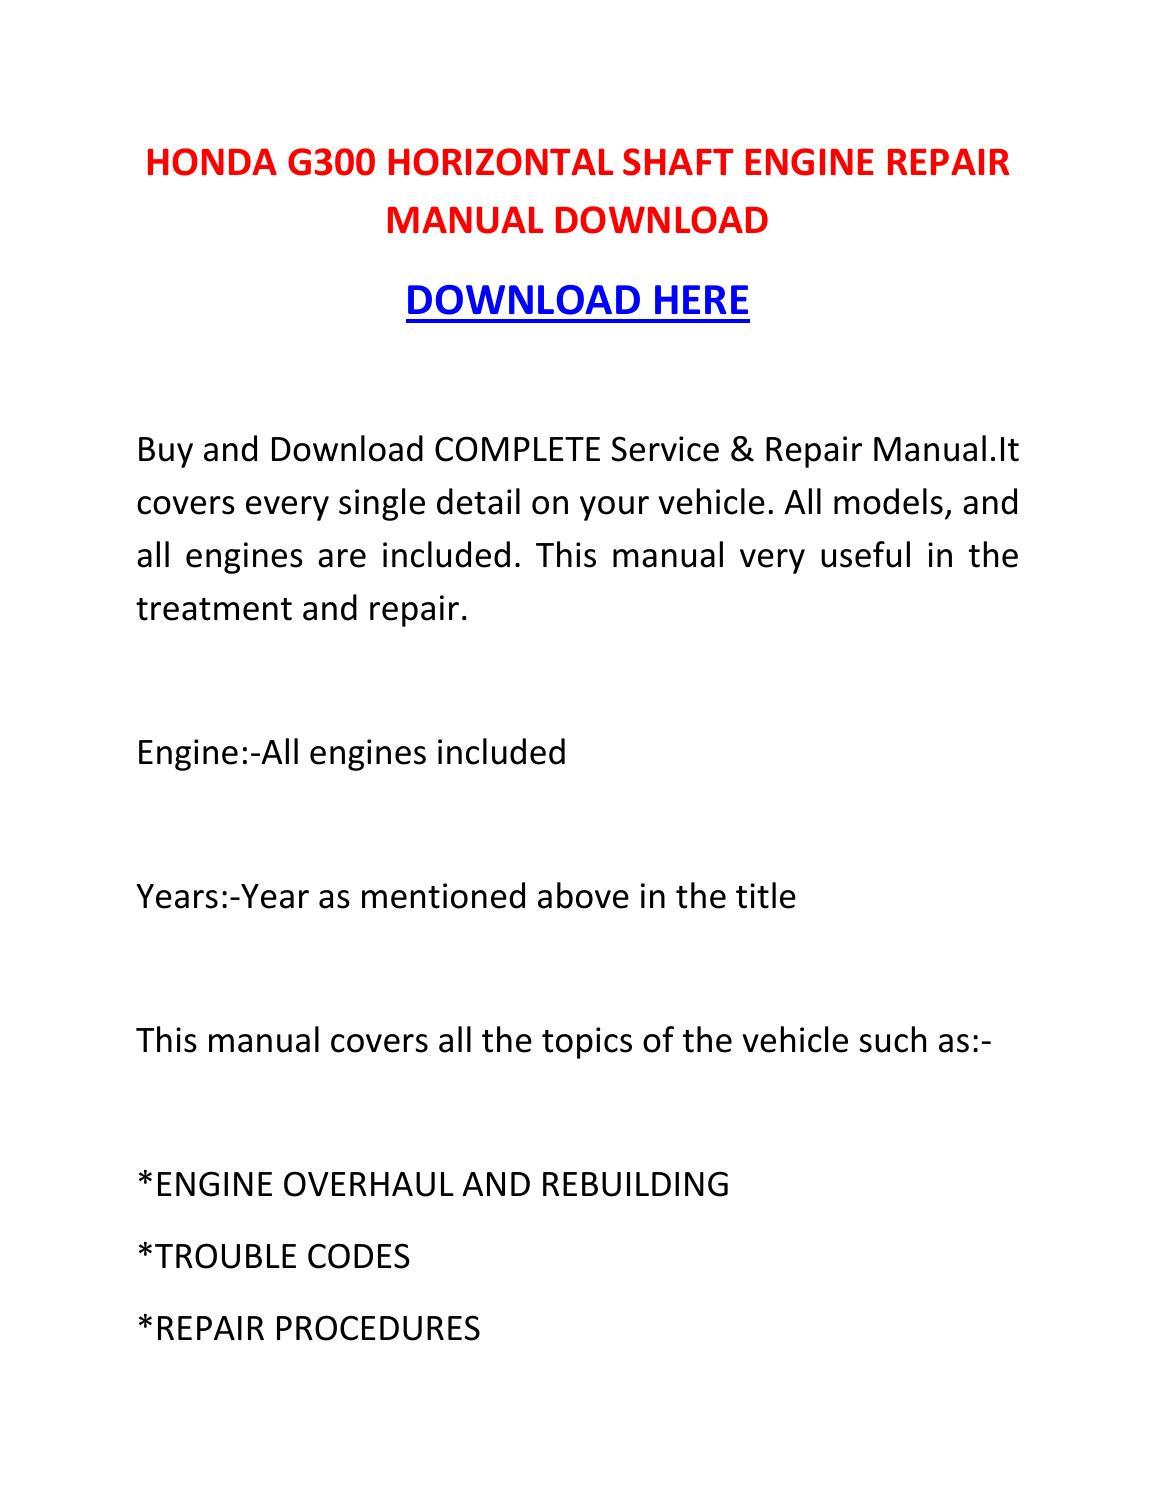 Honda G300 Horizontal Shaft Engine Repair Manual Download